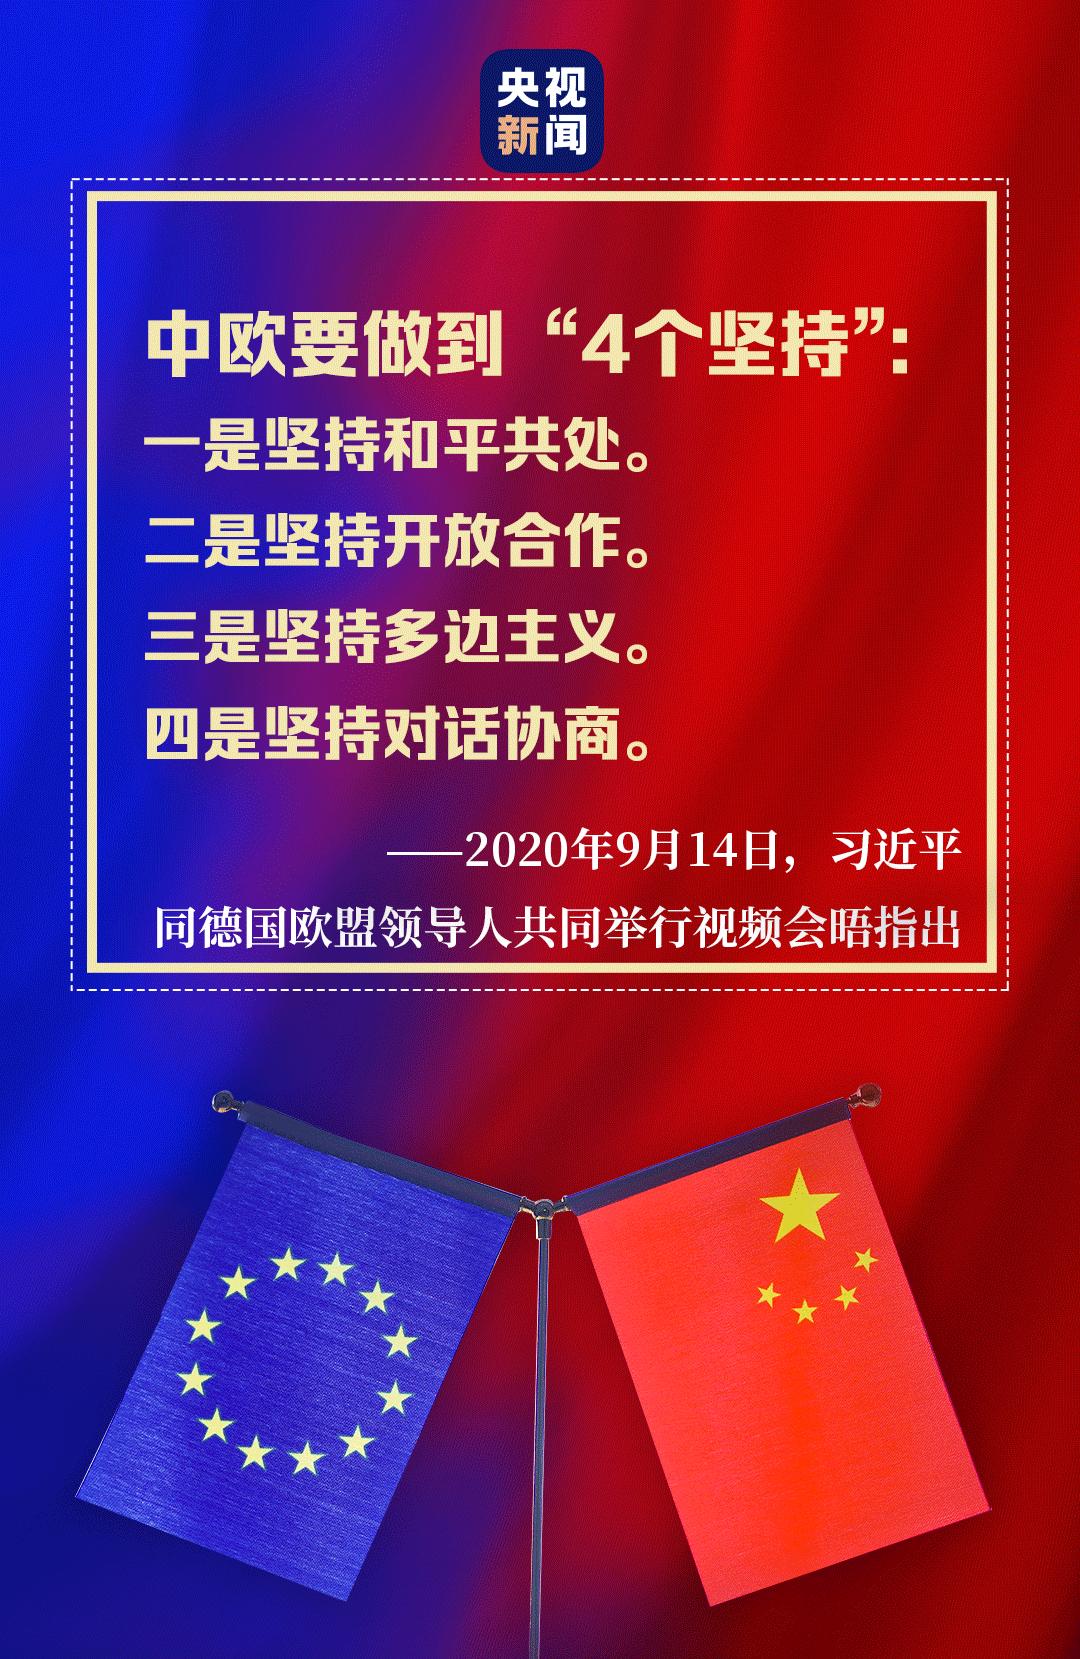 中国和印度合作共赢